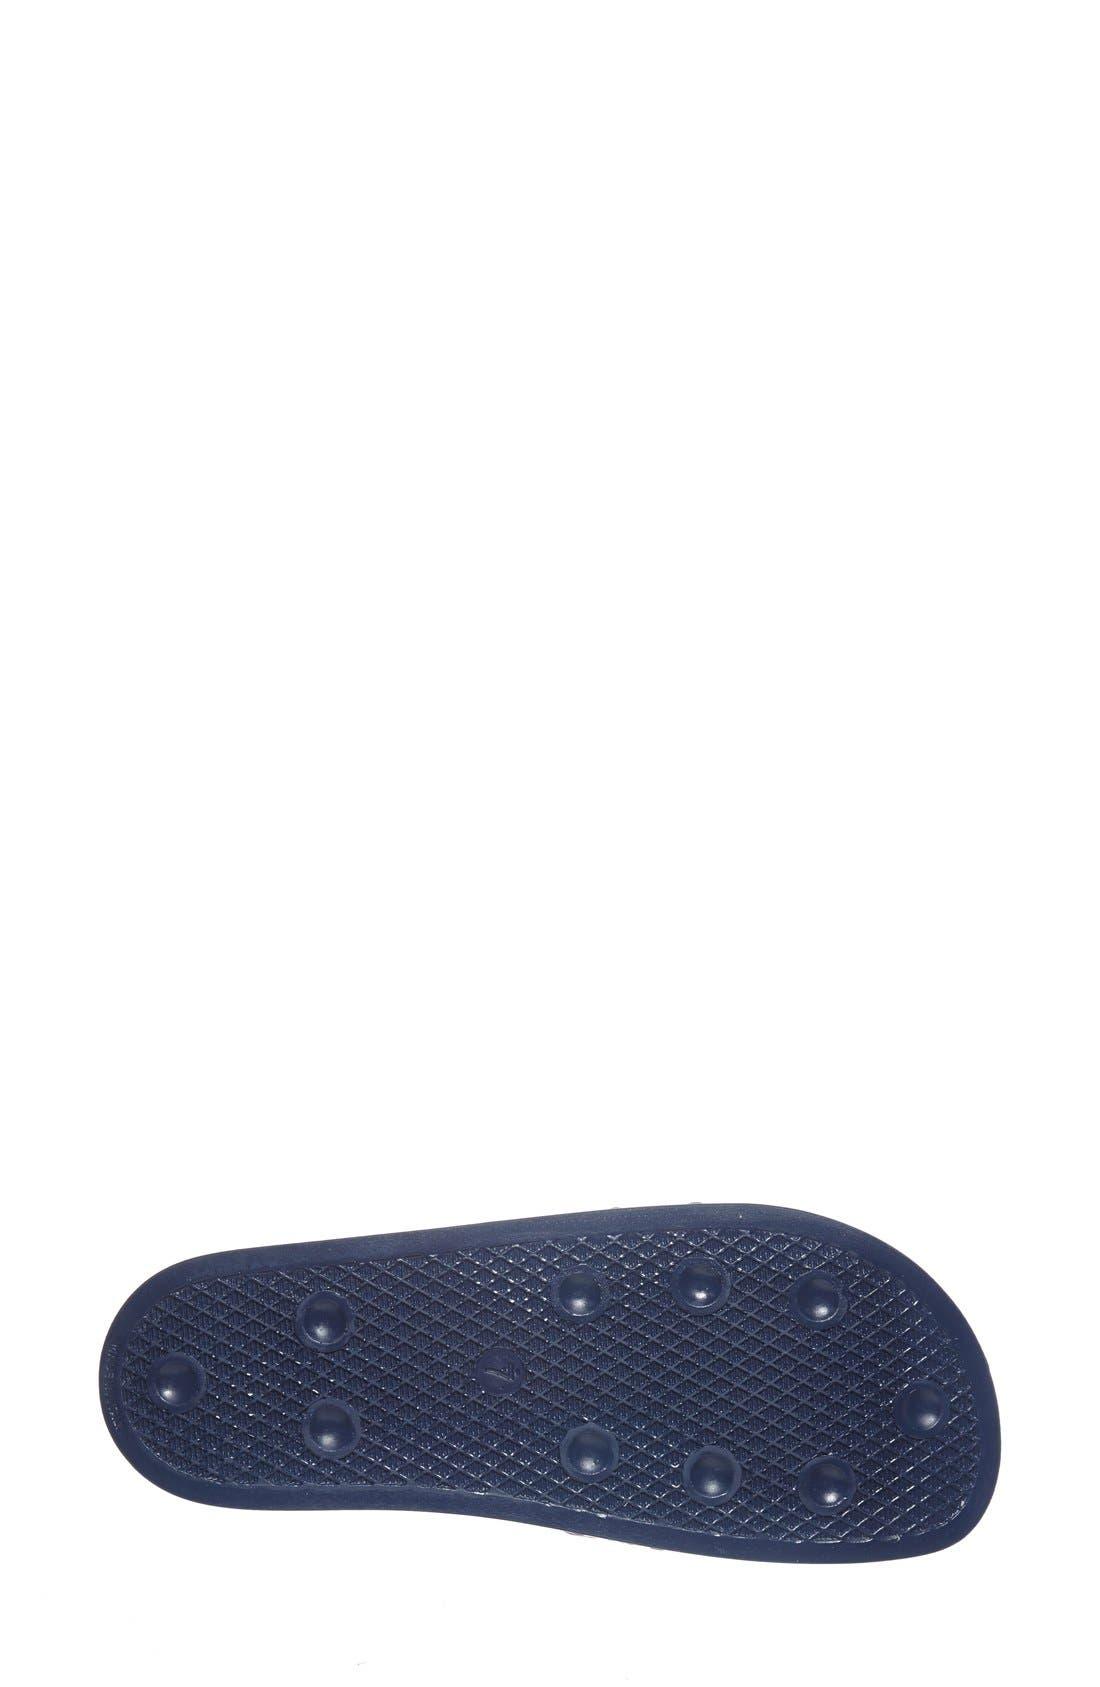 'Adilette' Slide Sandal,                             Alternate thumbnail 4, color,                             New Navy/ White